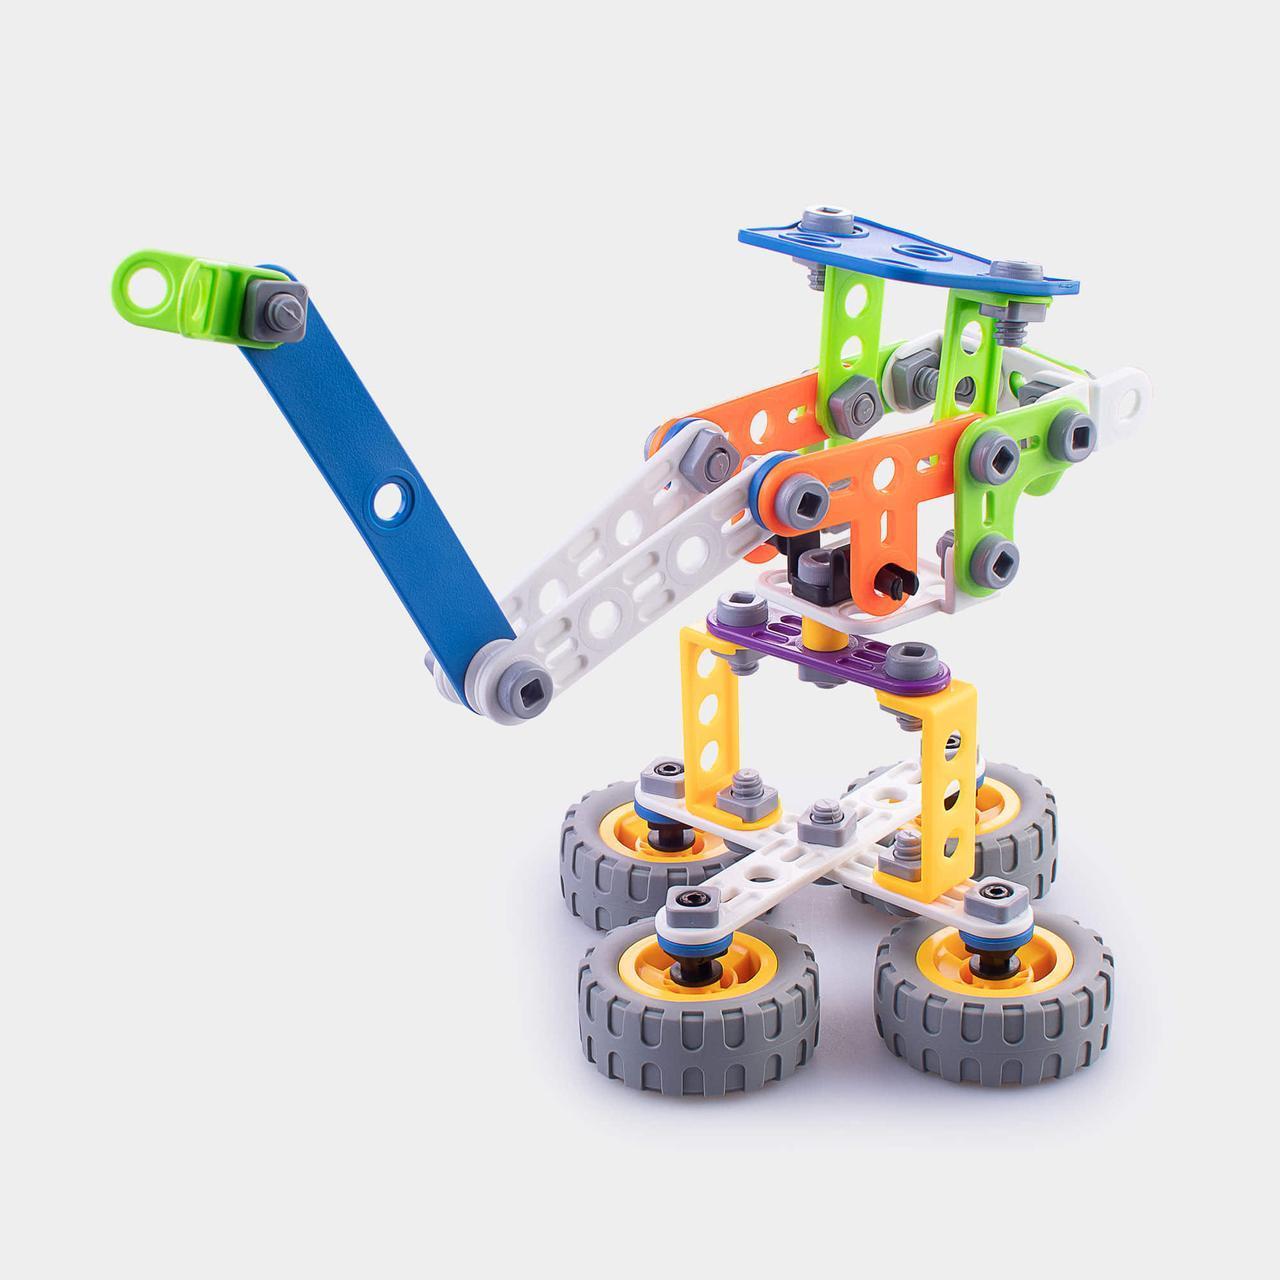 Детский мягкий конструктор Keedo Подъемный кран 92 детали (6-J-7701)